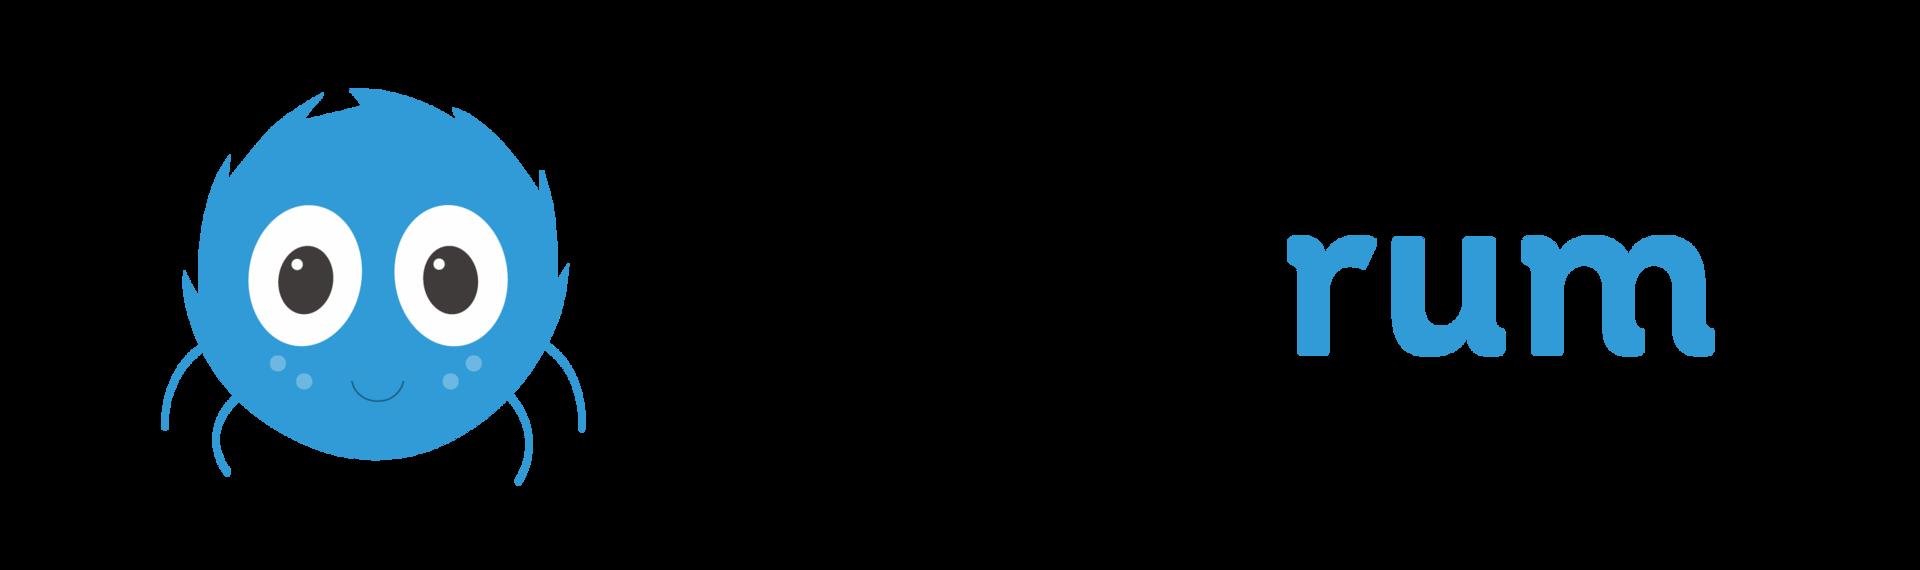 spiderum